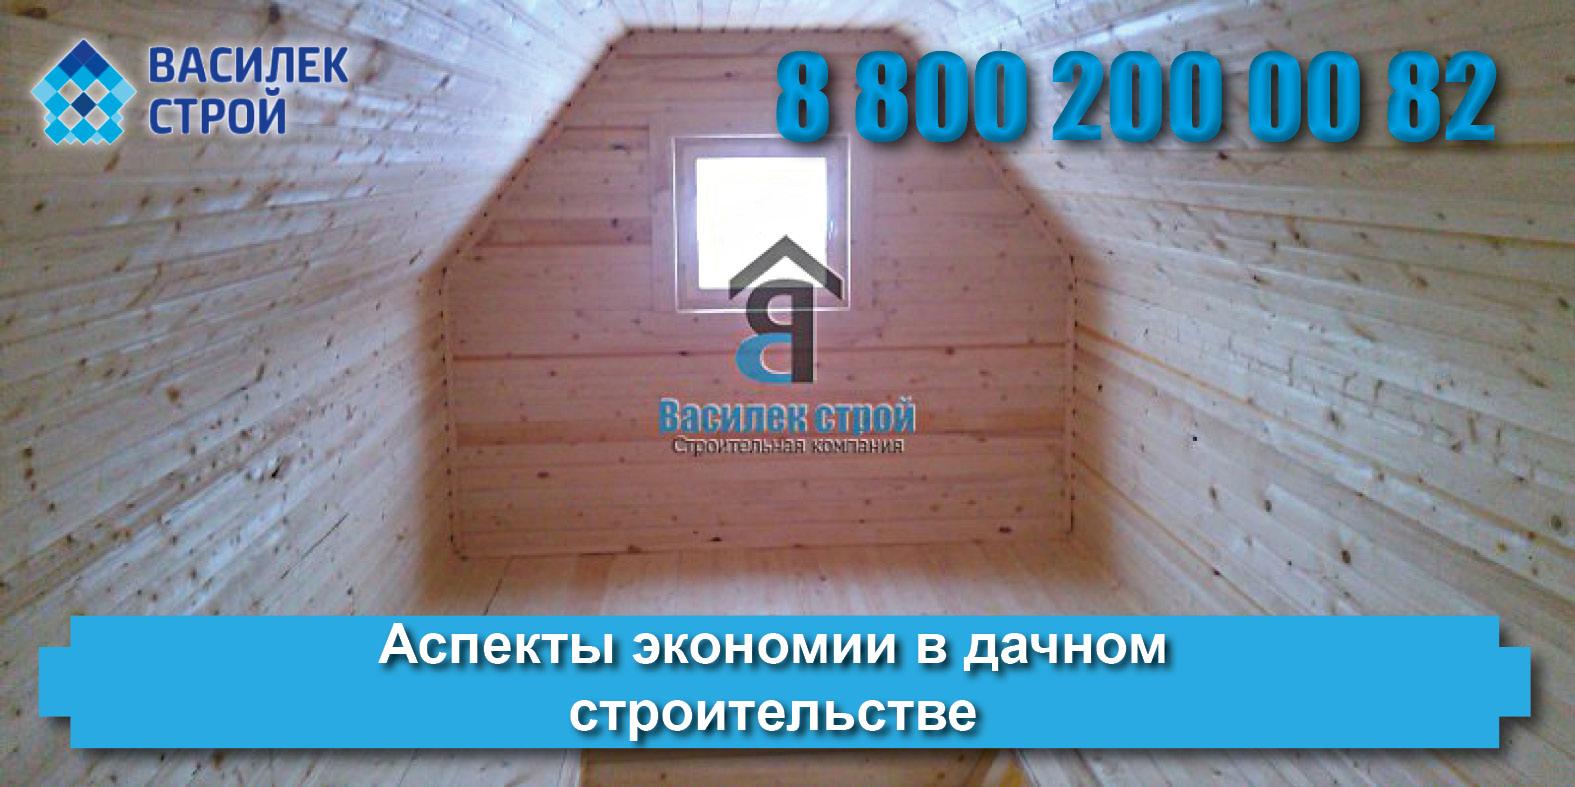 Постоянная продажа дачных домов из бруса и готовые бесплатные проекты дачных домов из бруса с фото